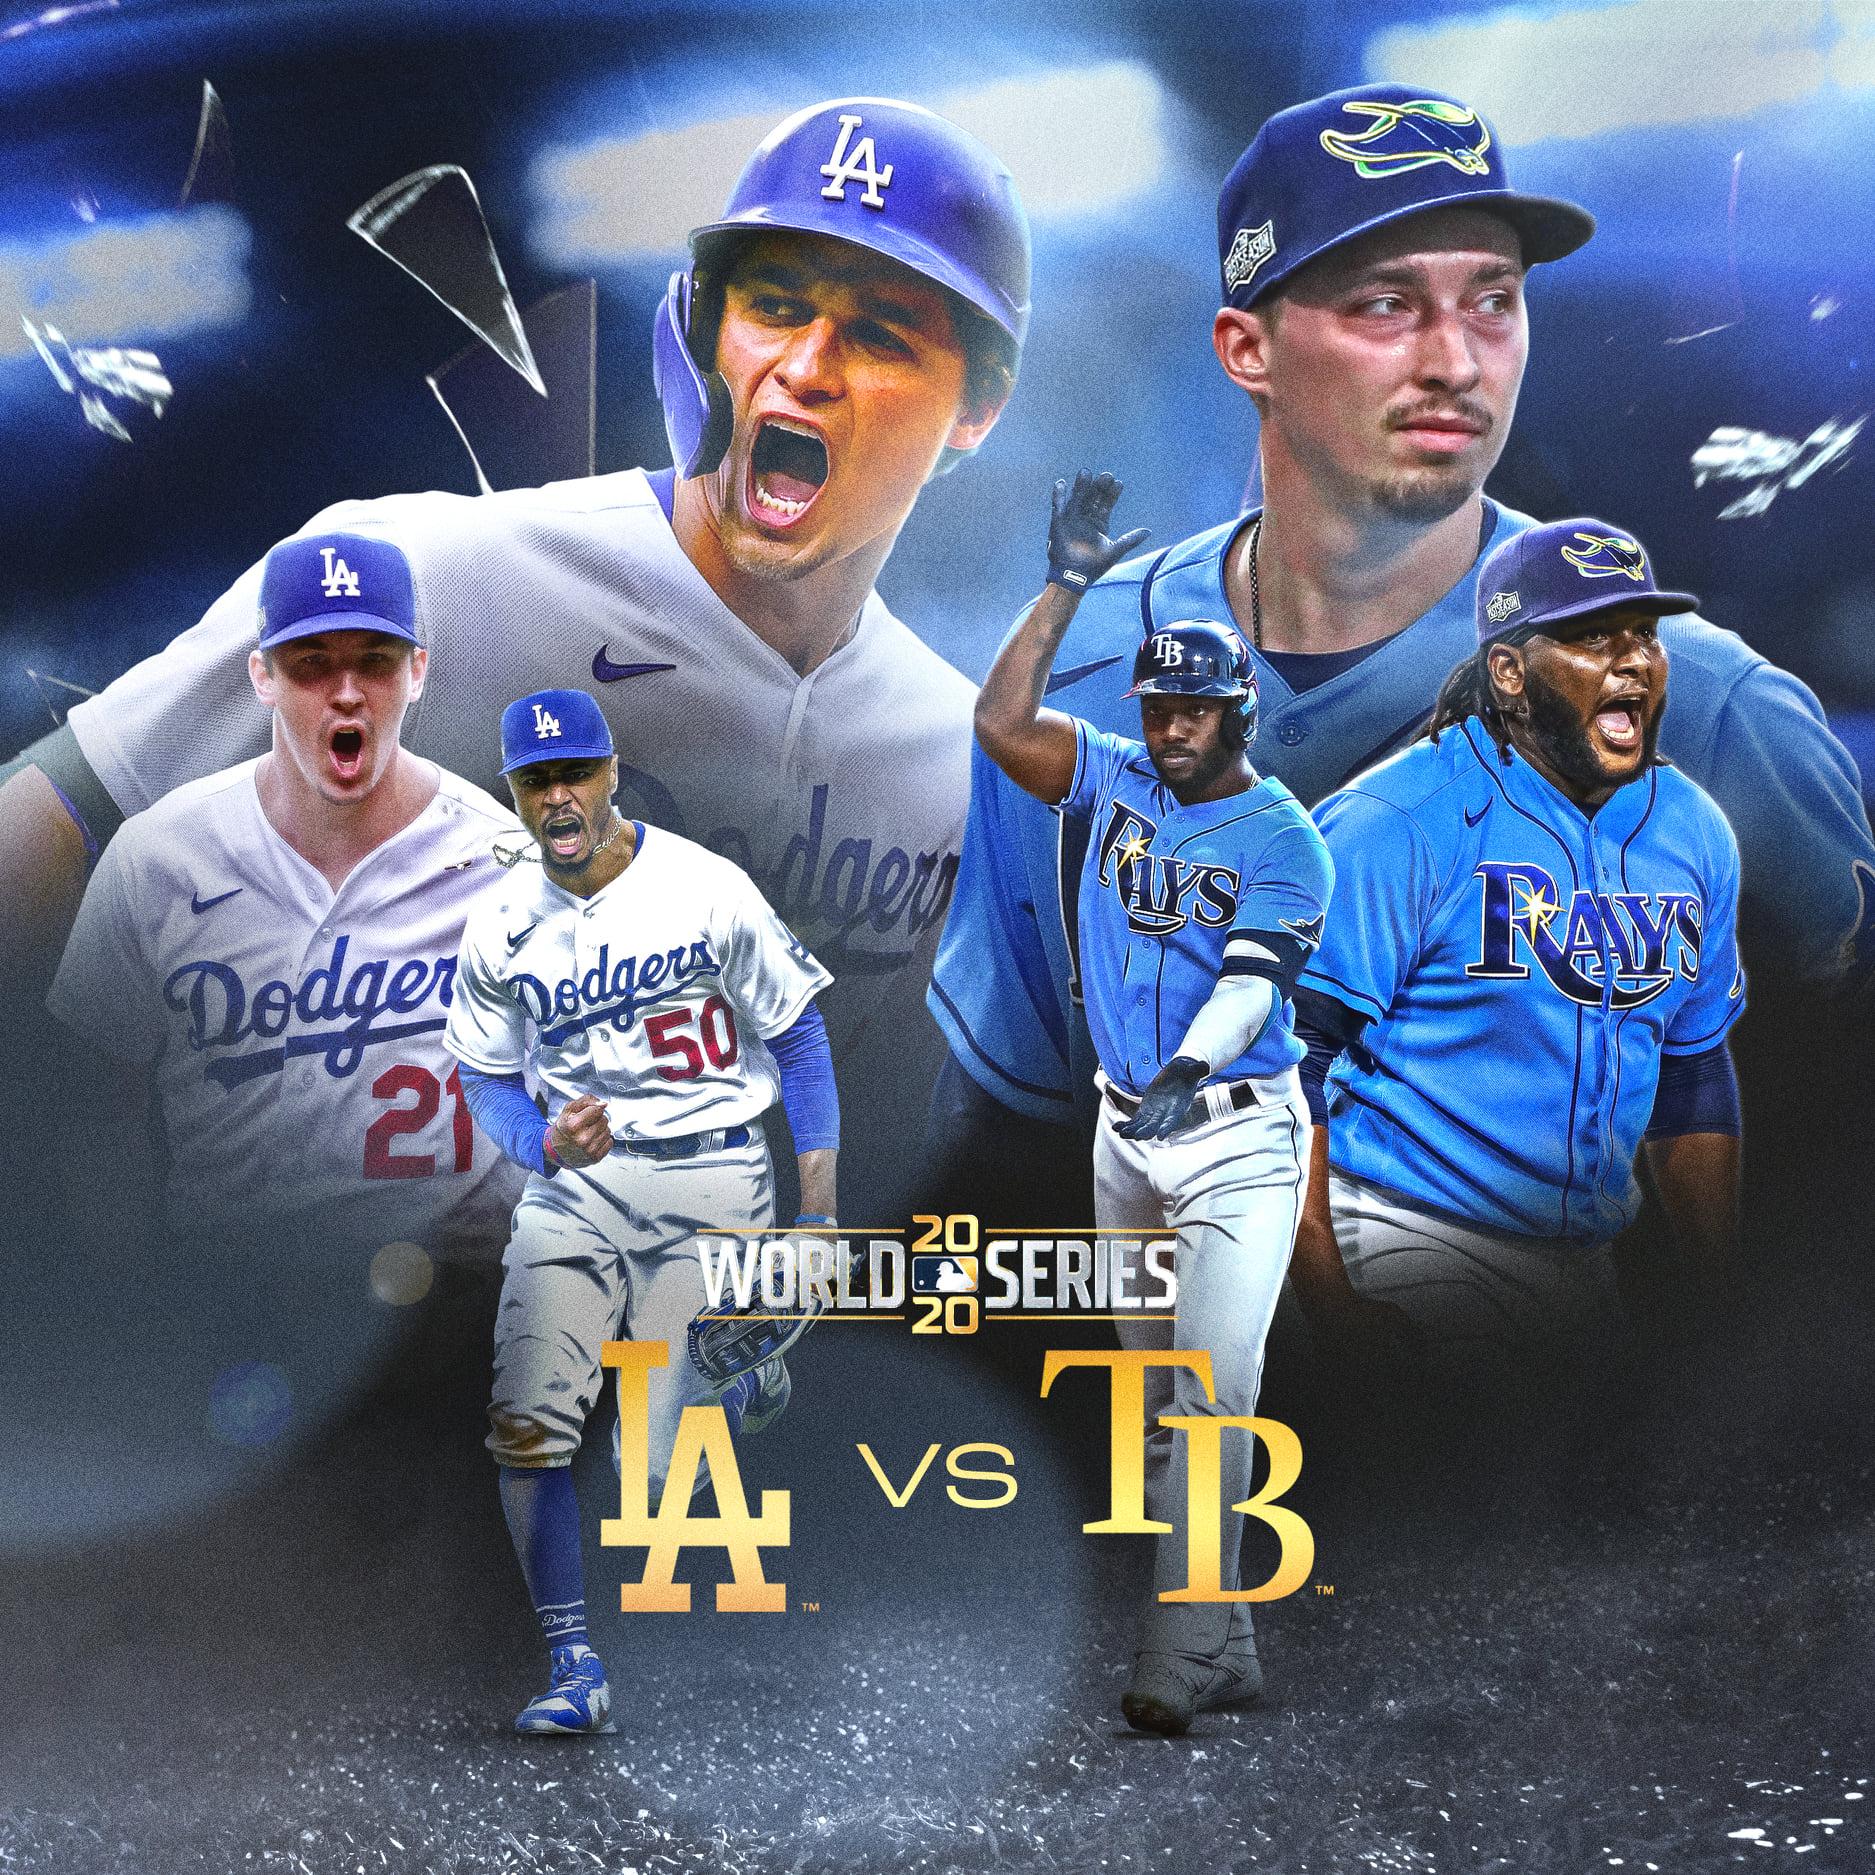 Rays de Tampa y los Dodgers de los Ángeles chocarán en la Serie Mundial.